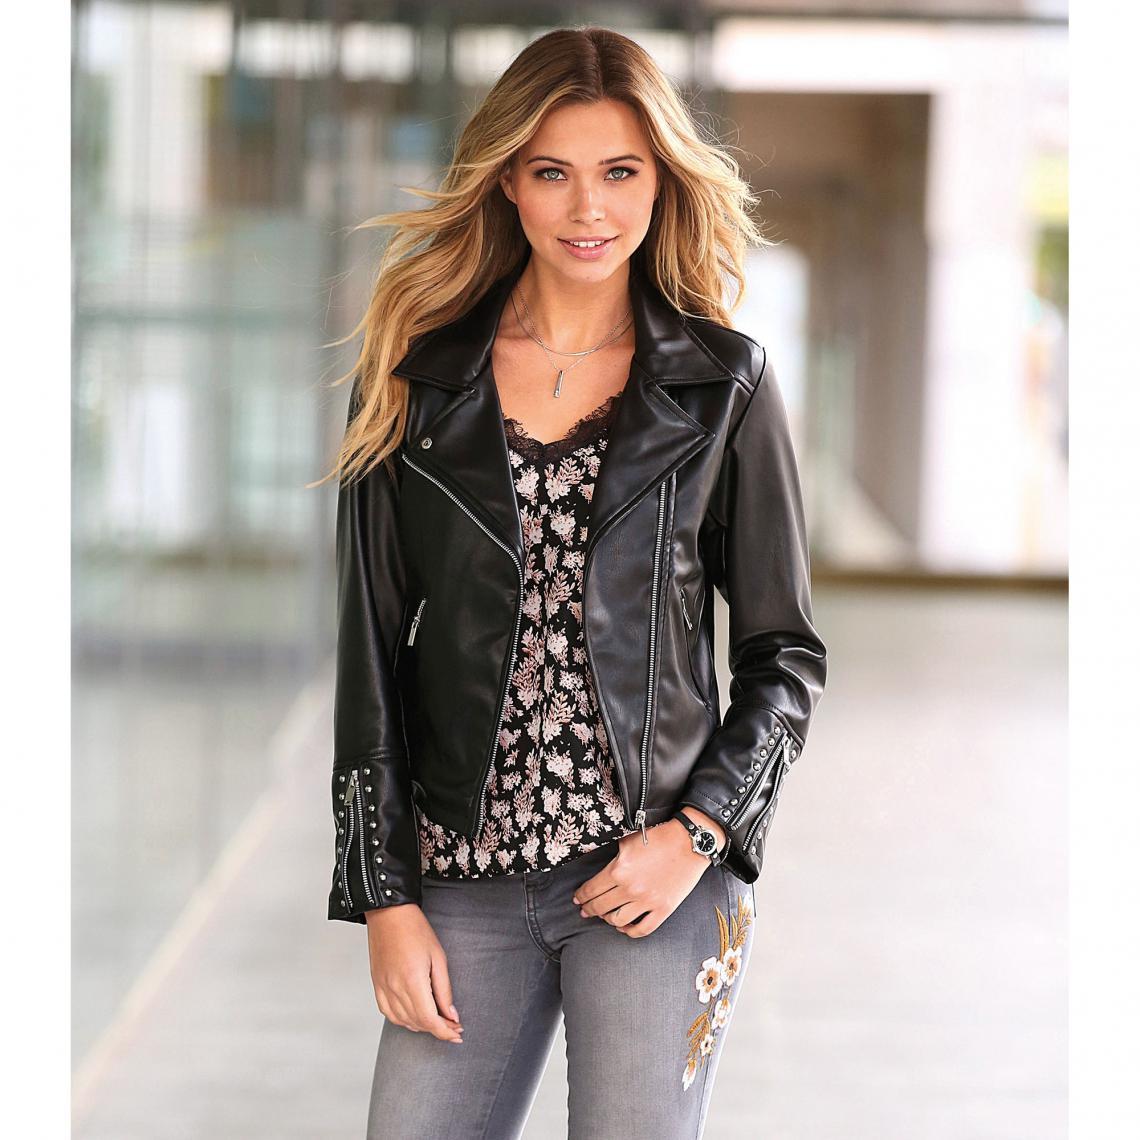 acheter en ligne ec205 96963 Blouson perfecto zippé et doublé punaises femme - Noir | 3 ...